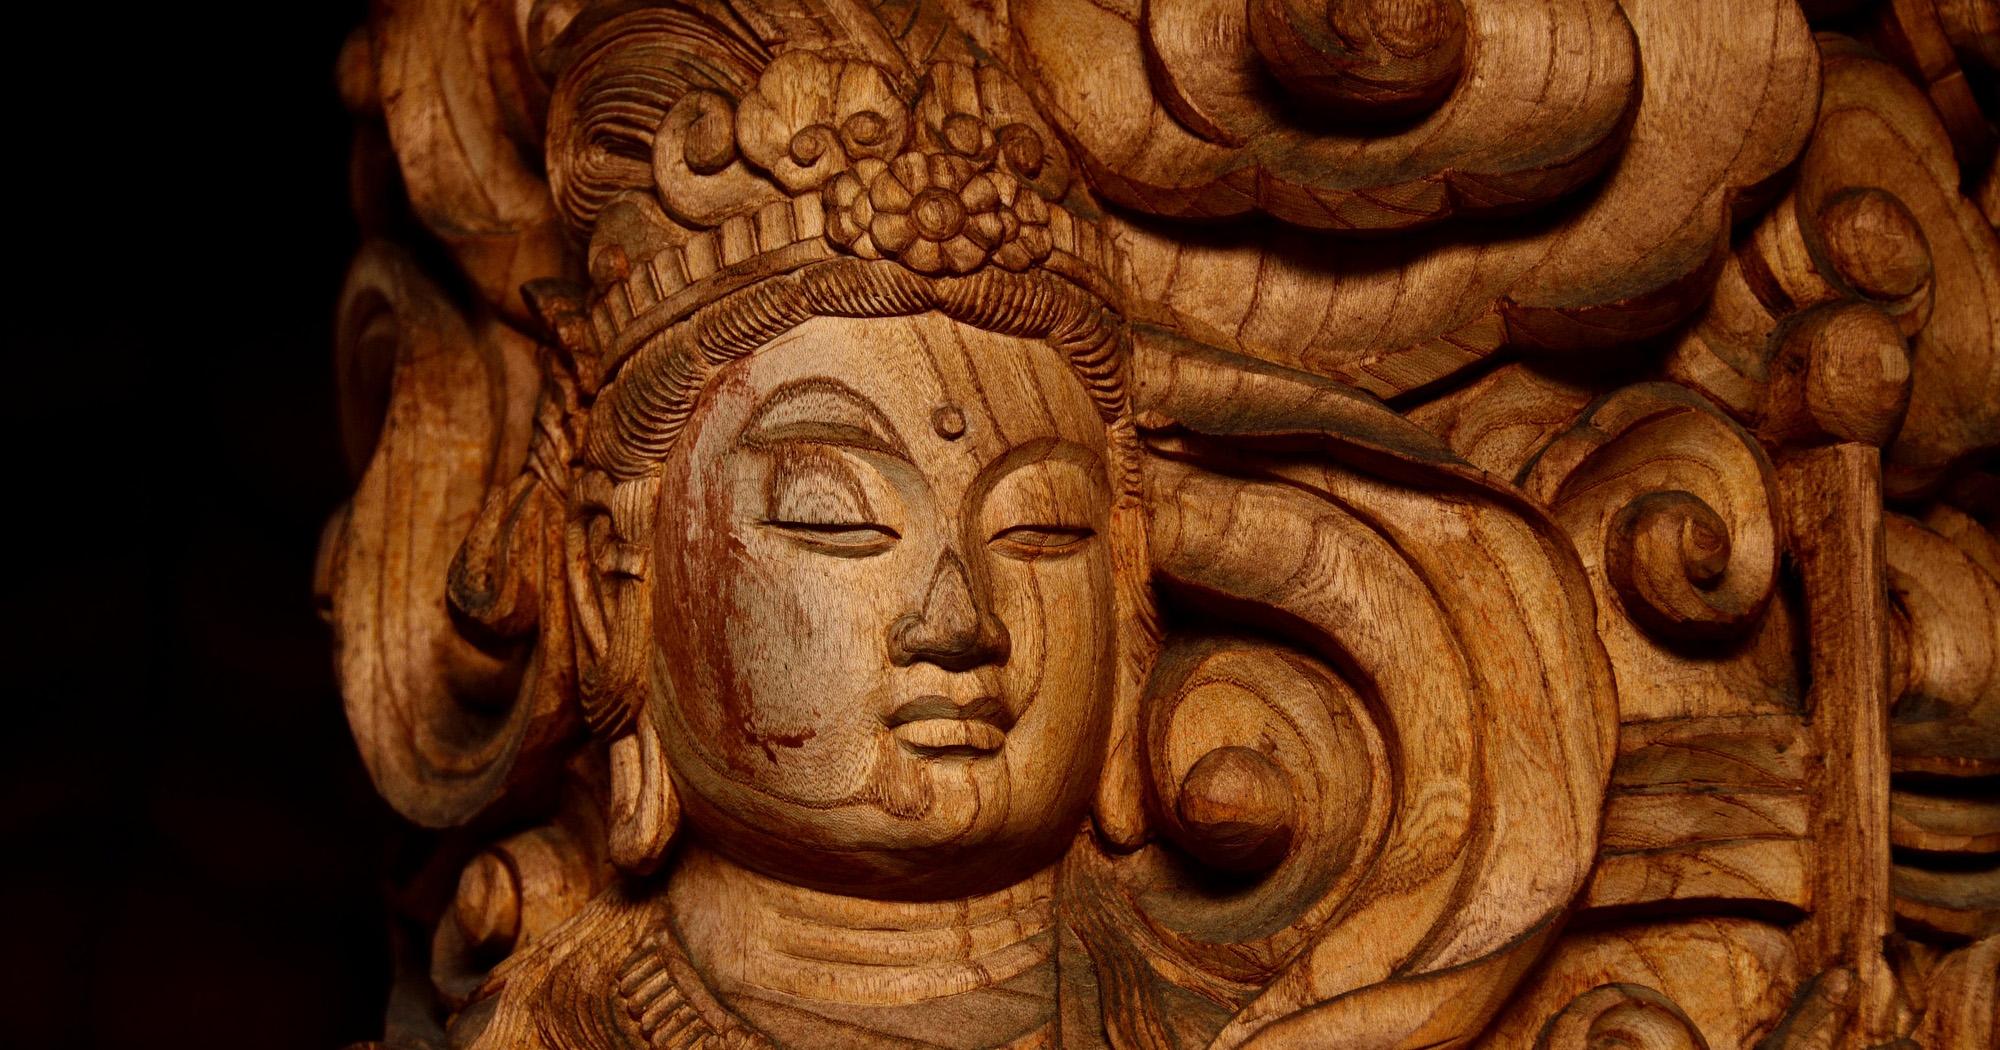 菩薩の名には、「人々が救いを求めるのを聞くと、自在に真理を見通して救う」という意味があります。